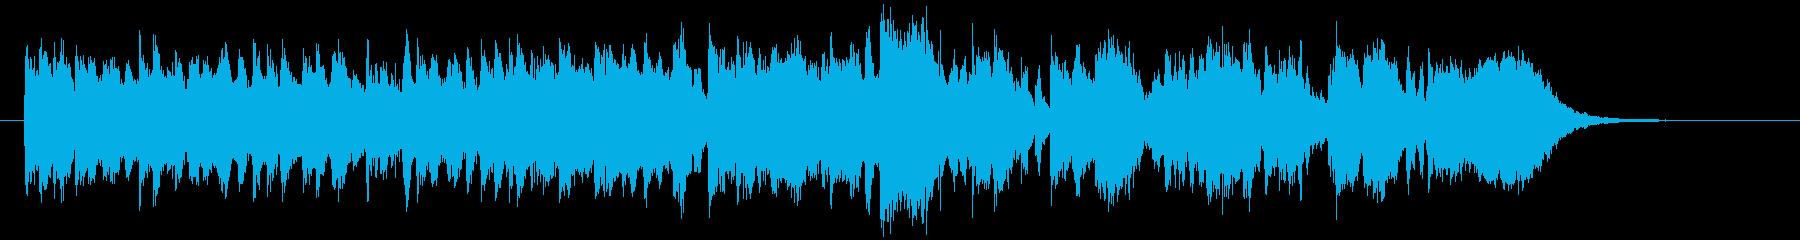 軽快で明るいボサノバのジングルの再生済みの波形